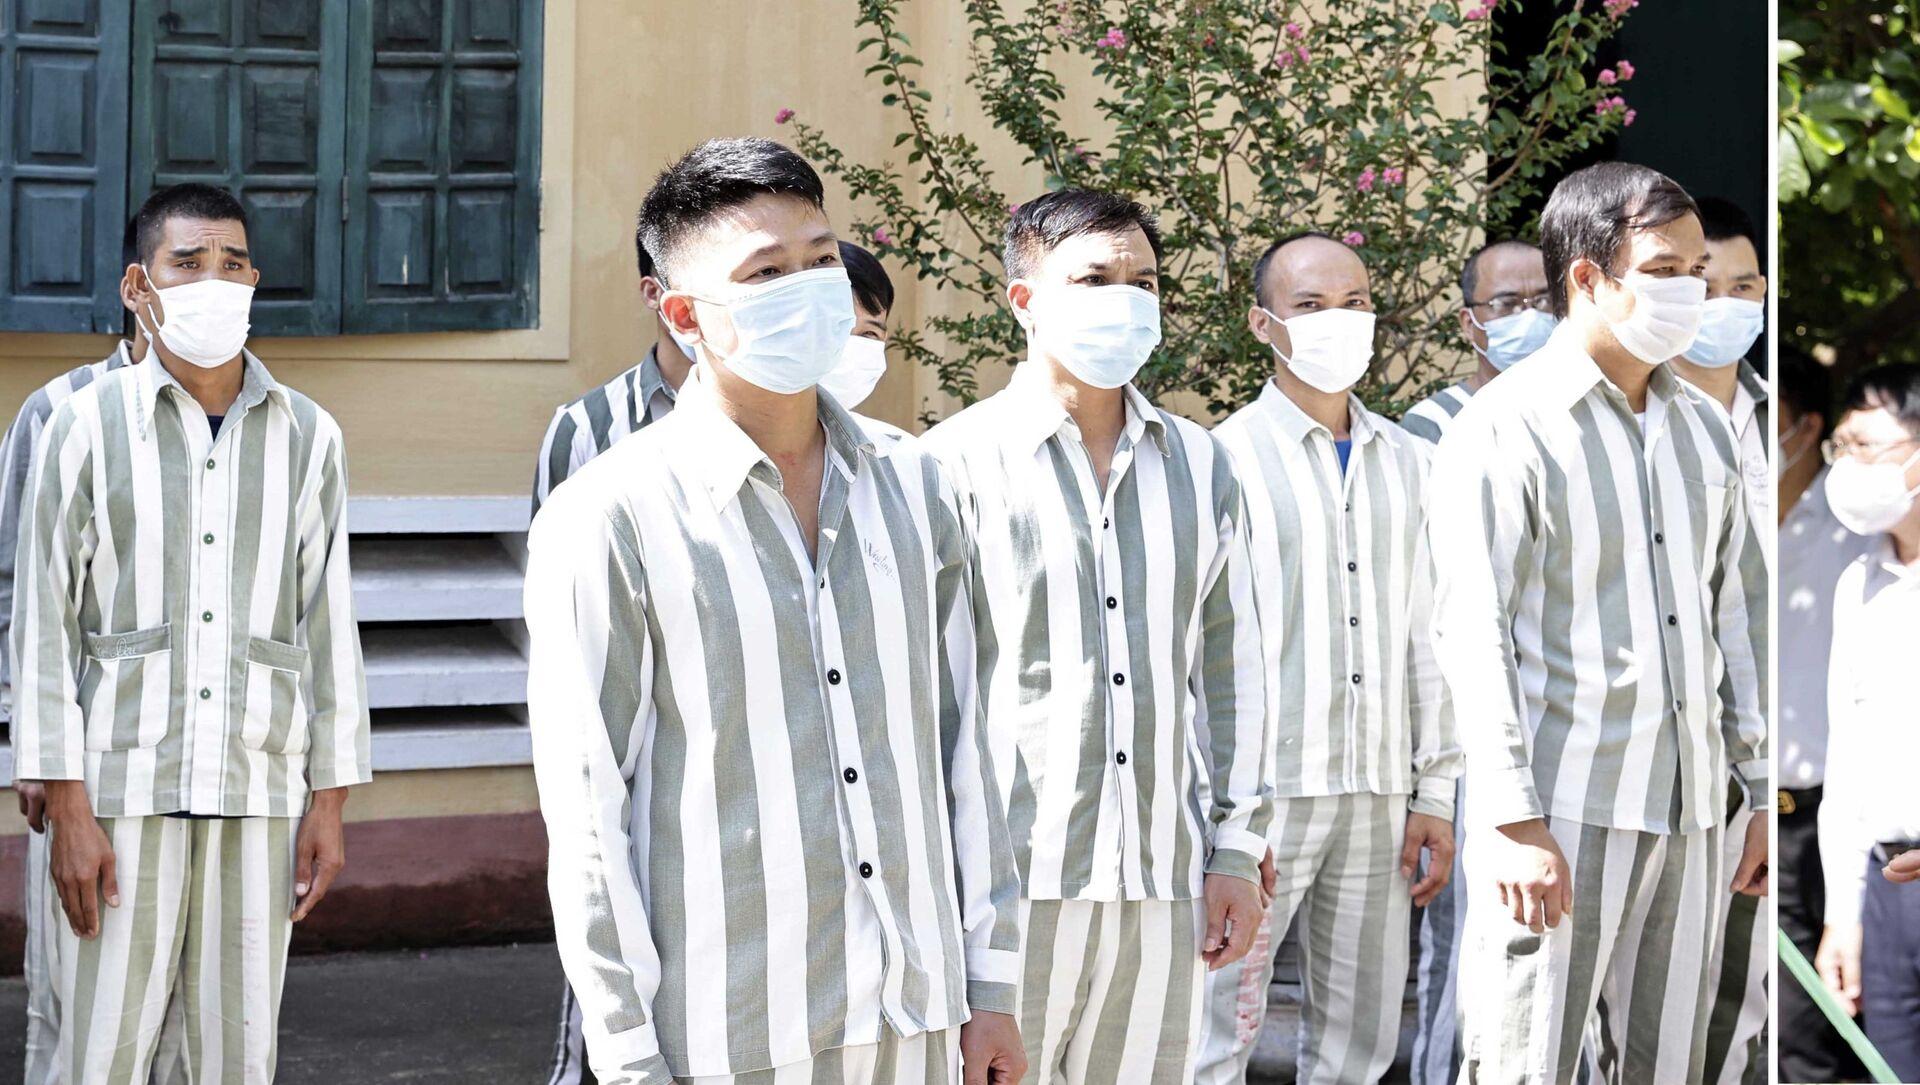 Chủ tịch nước Nguyễn Xuân Phúc kiểm tra công tác xét đặc xá 2021 tại Trại giam Ngọc Lý - Sputnik Việt Nam, 1920, 30.08.2021